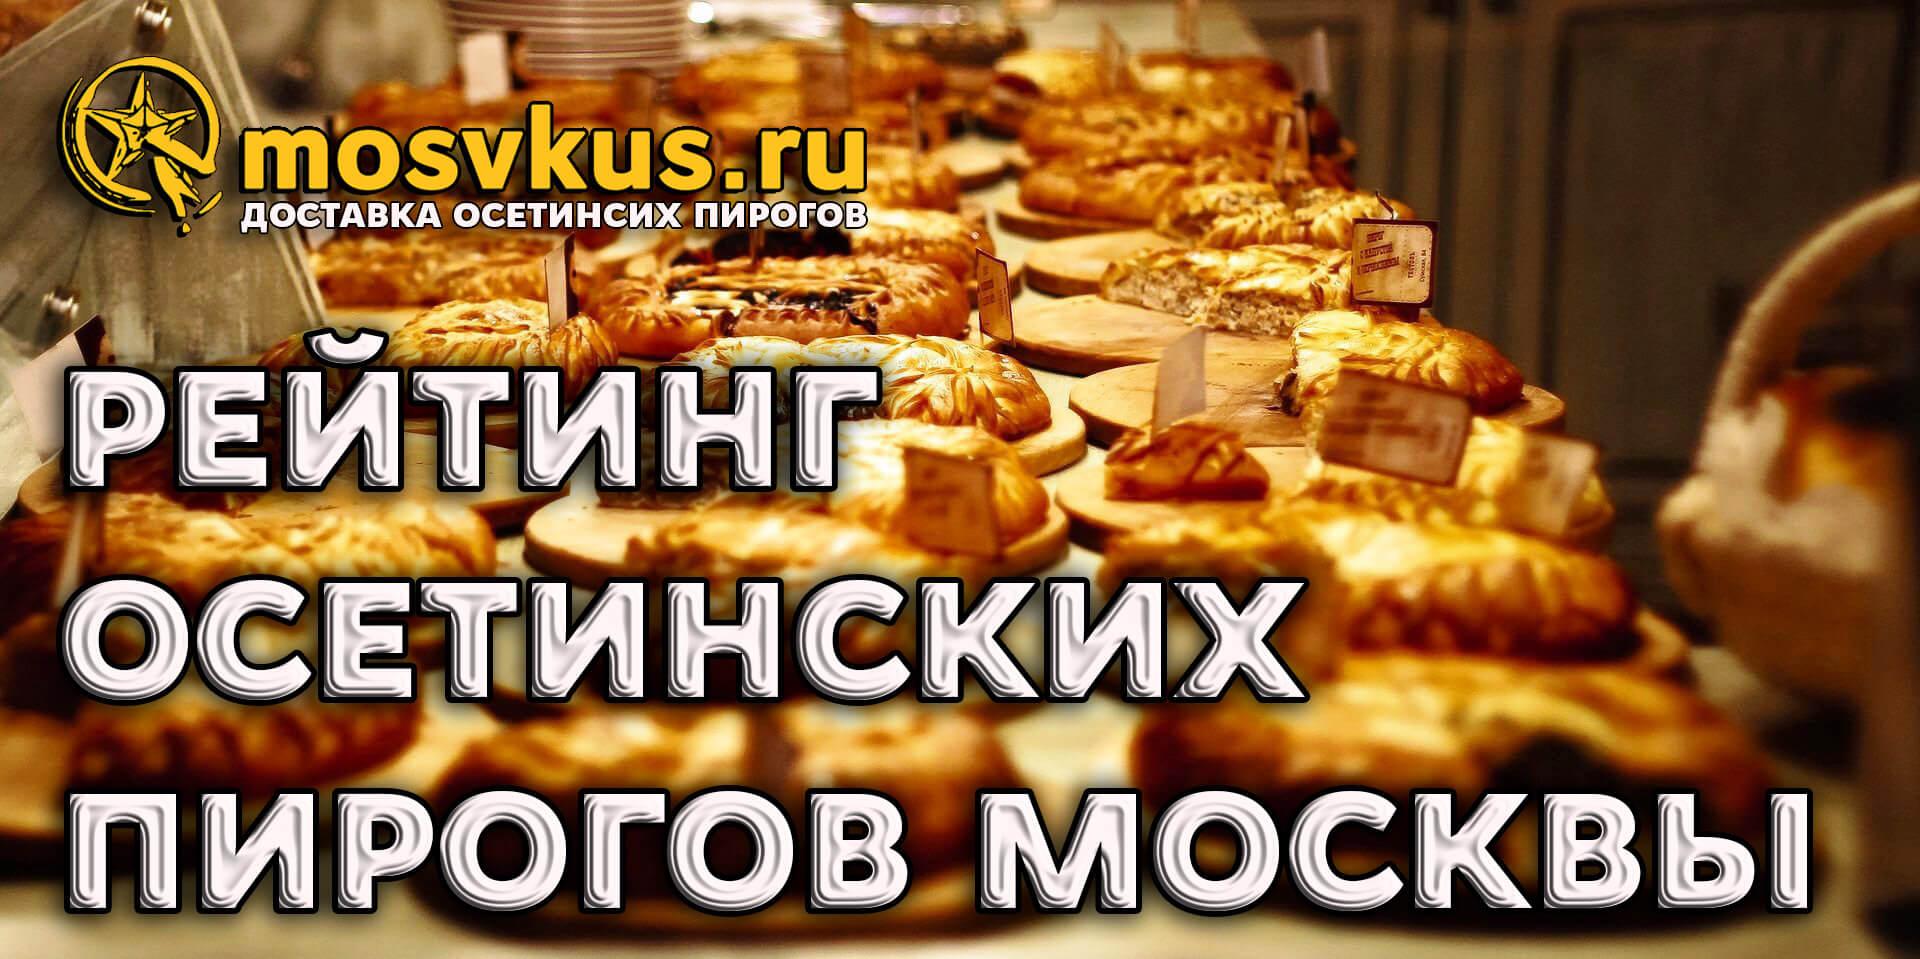 рейтинг осетинских пирогов с доставкой москва